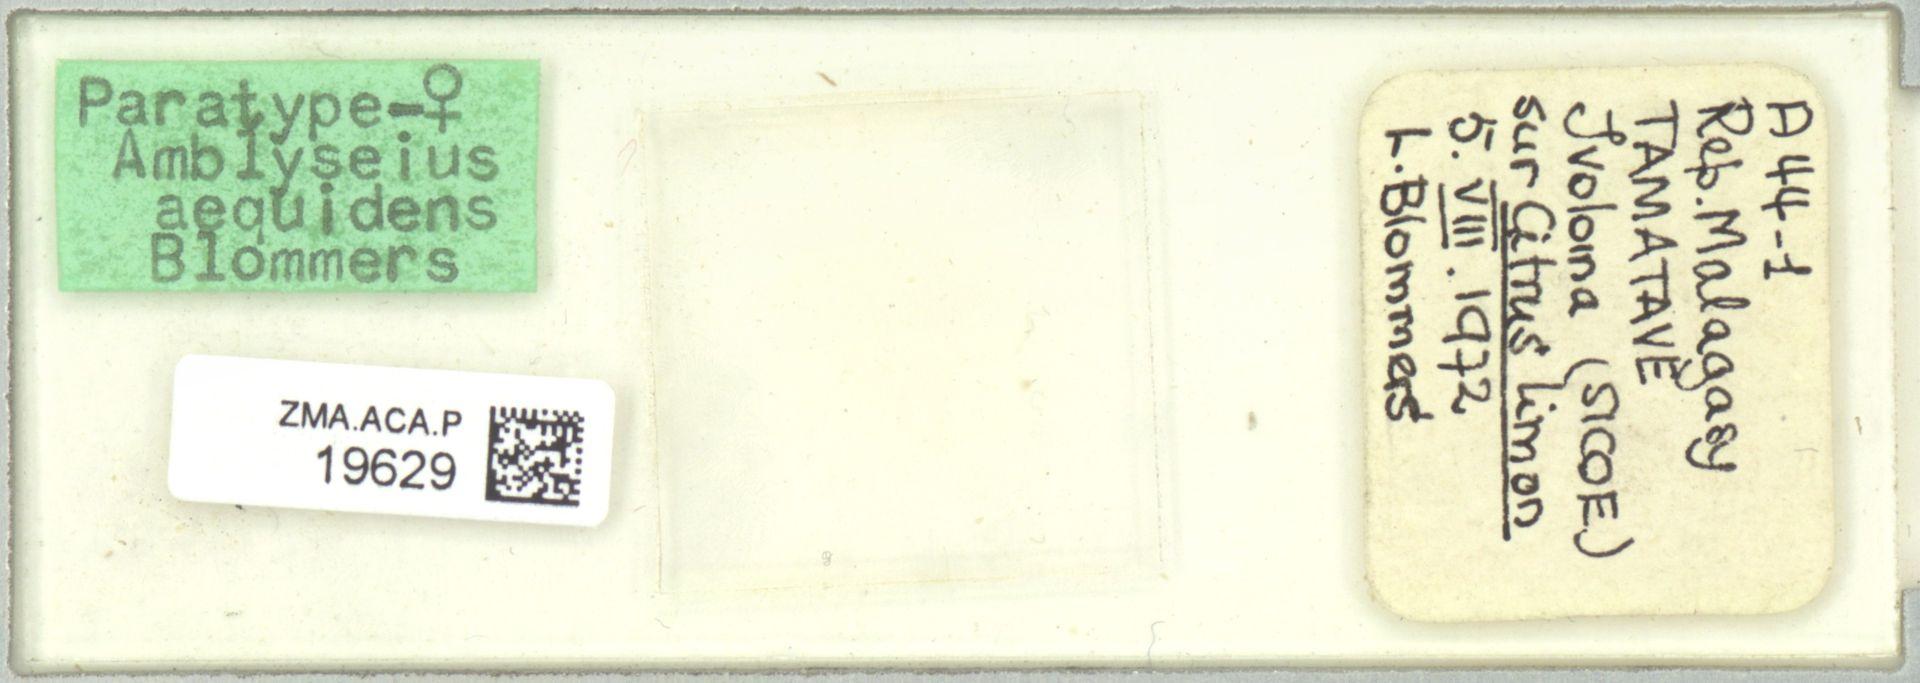 ZMA.ACA.P.19629 | Amblyseius aequidens Blommers